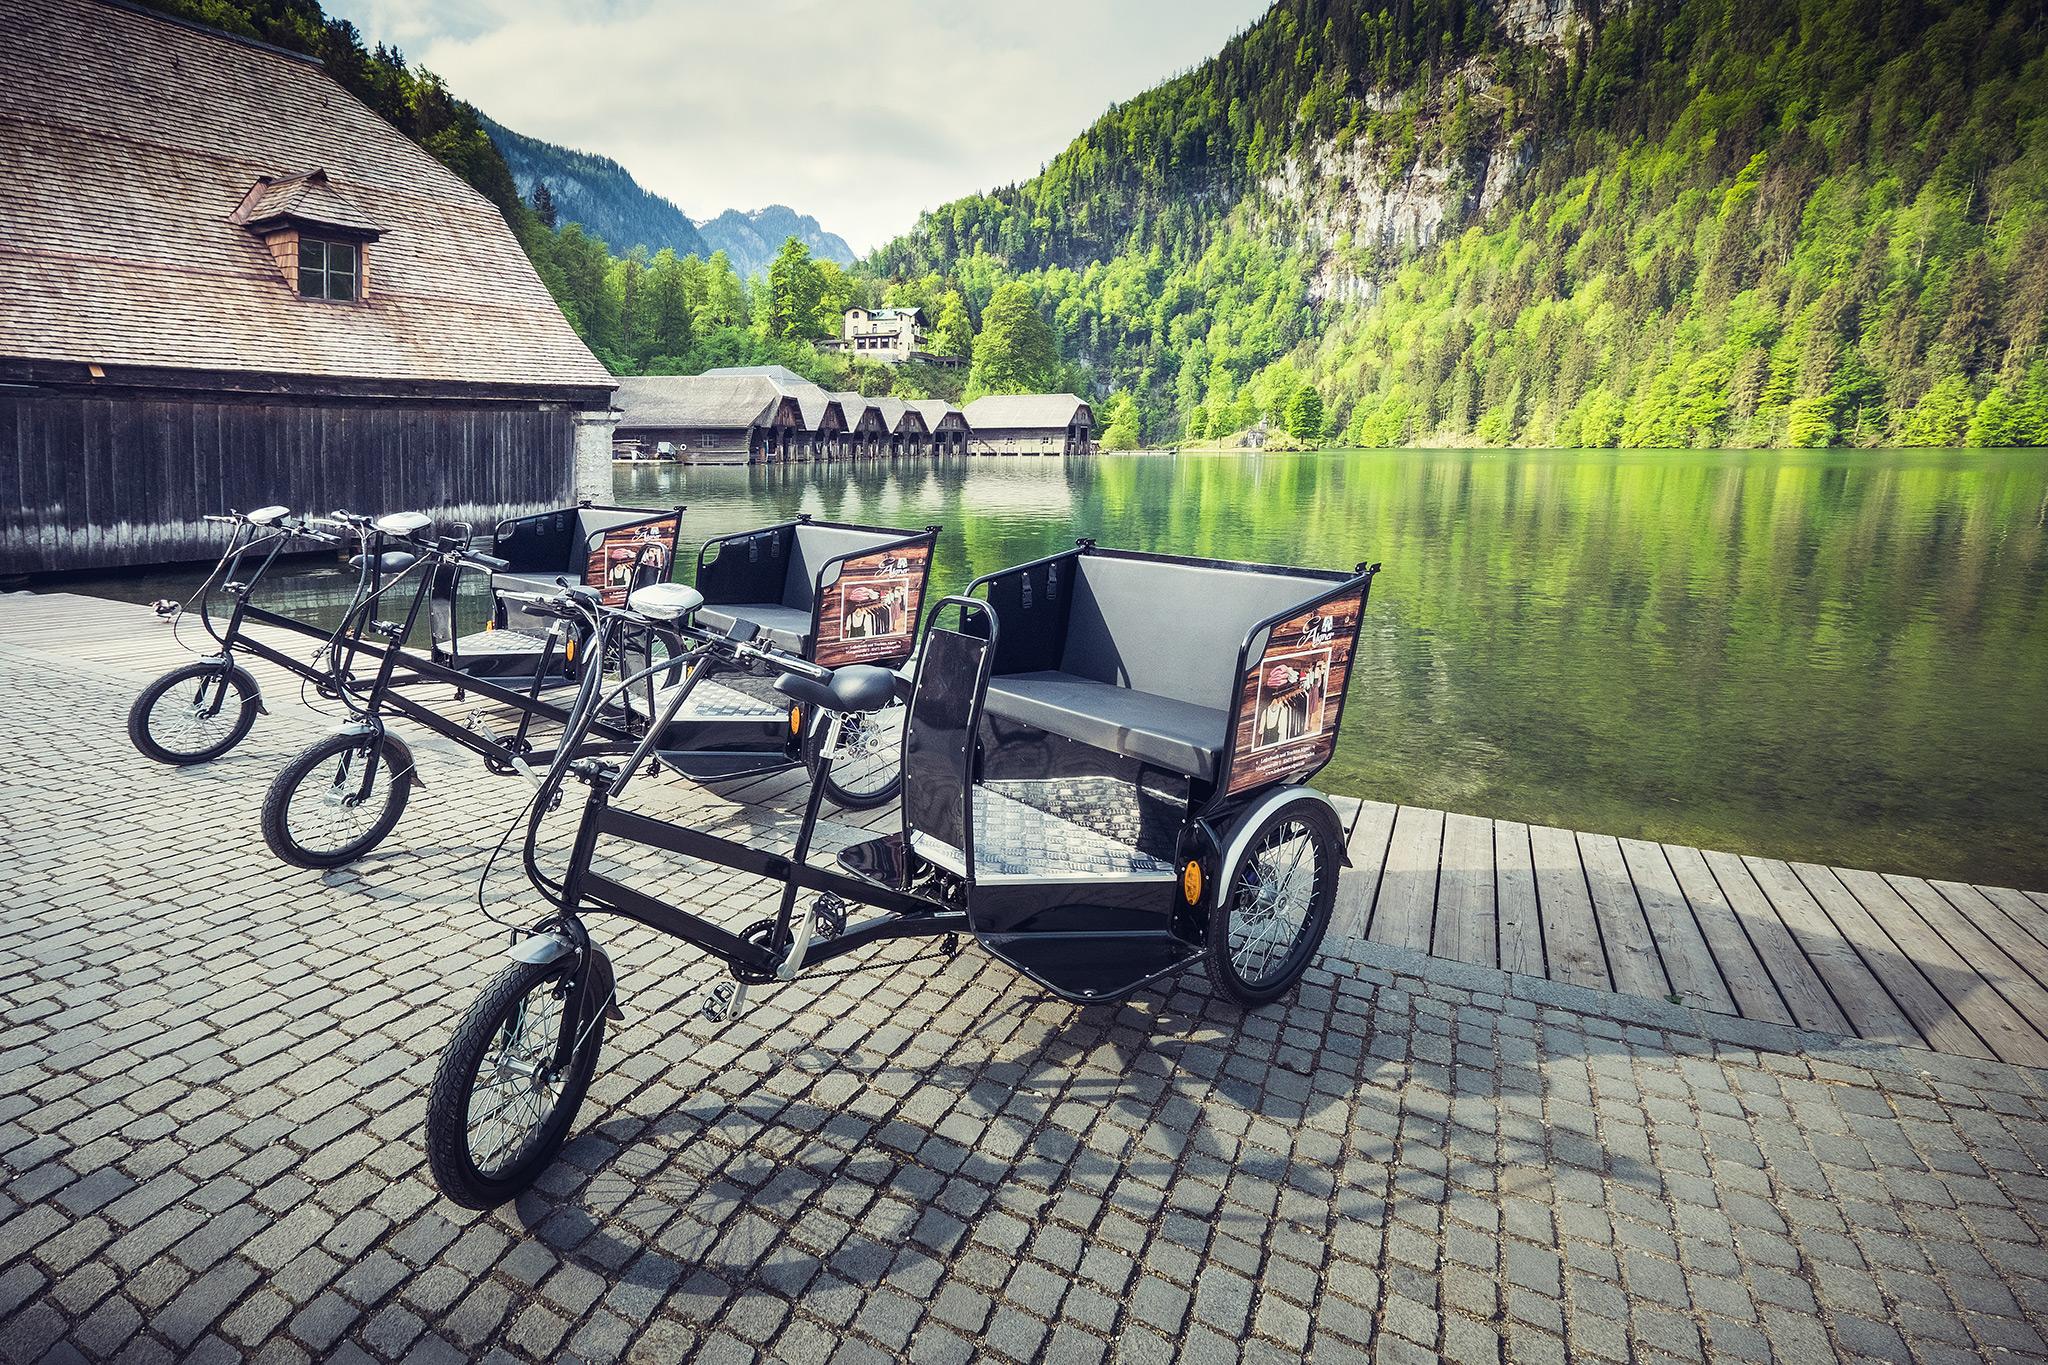 Vorerst stehen 3 Radltaxi am Königssee zur Verfügung